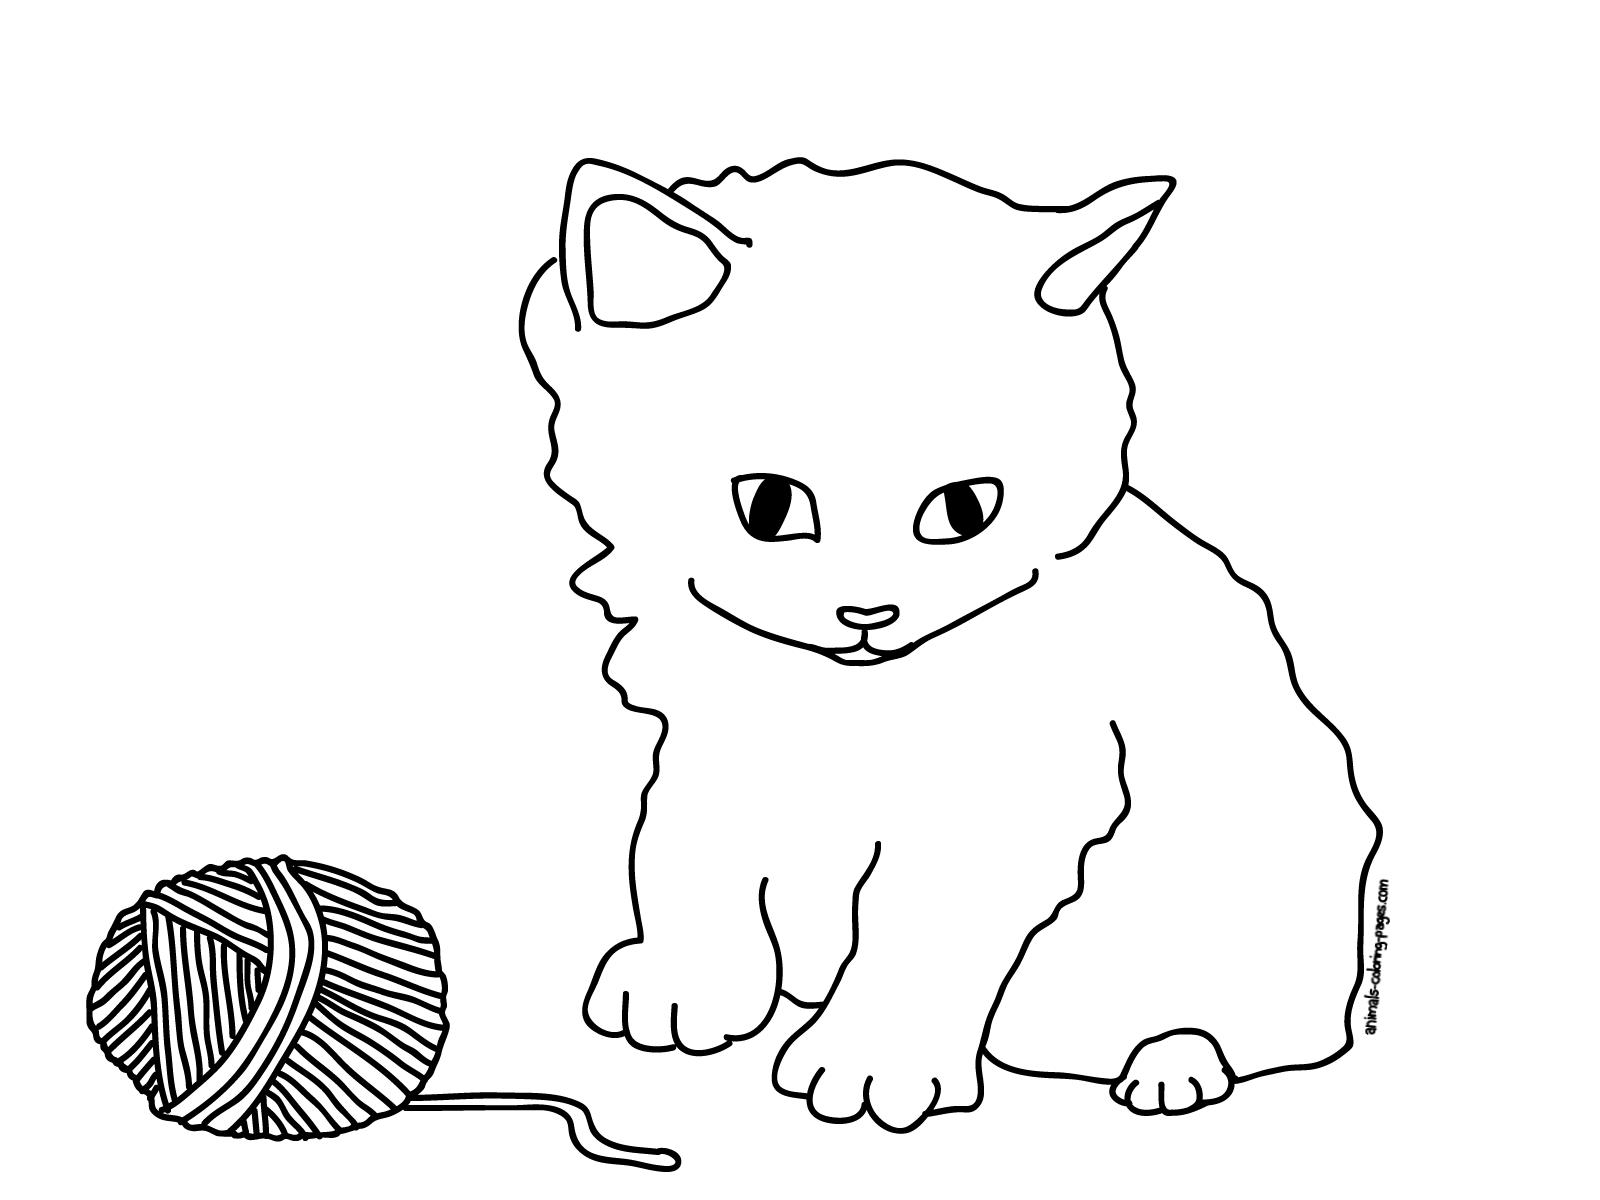 Excepcional Libro Para Colorear Hola Gatito Motivo - Dibujos Para ...